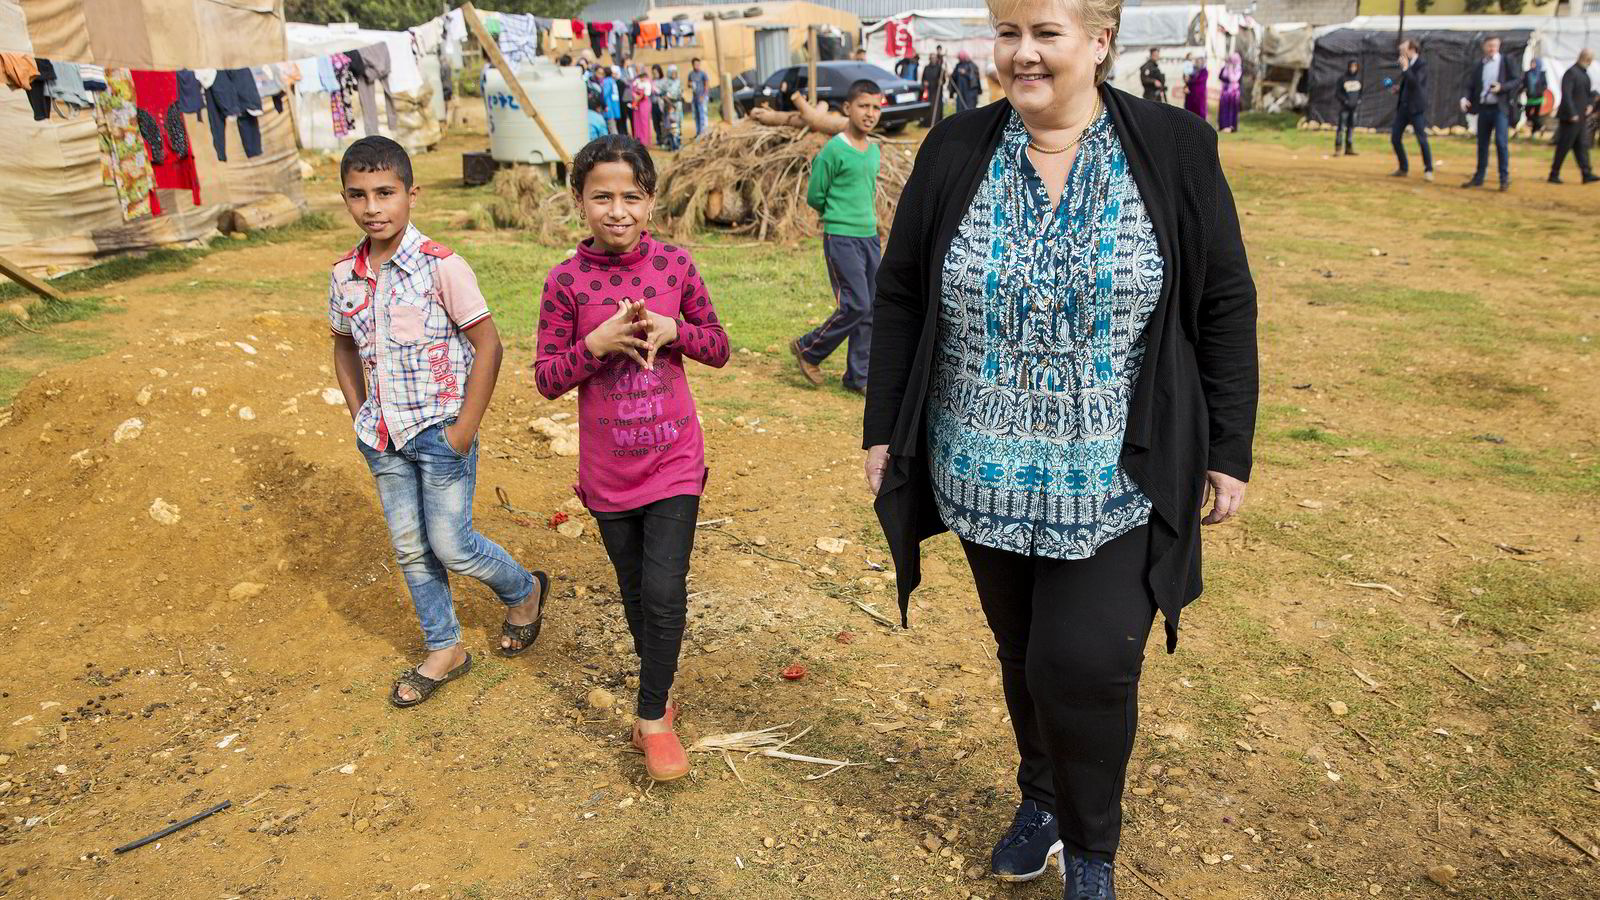 Statsminister Erna Solberg besøkte lørdag flyktningeleiren i byen Qab Elias i Bekadalen i Libanon. I denne leiren bor det 183 syriske flyktninger som kommer fra Aleppo, Raqqa og Idlib i Syria. Foto: Tore Meek /